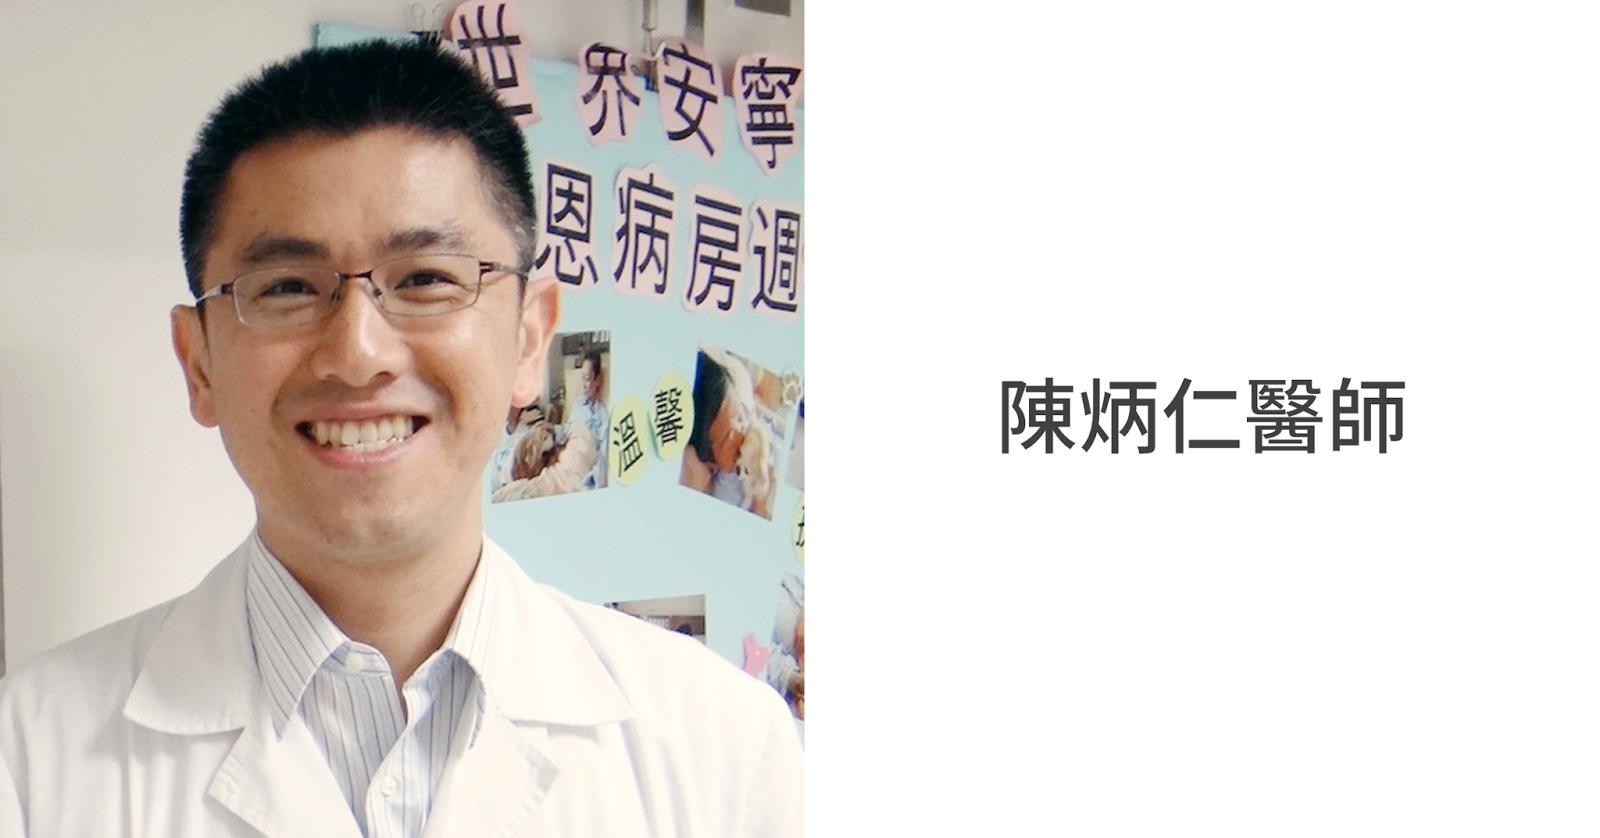 陳炳仁|高醫大附設醫院 老年醫學科